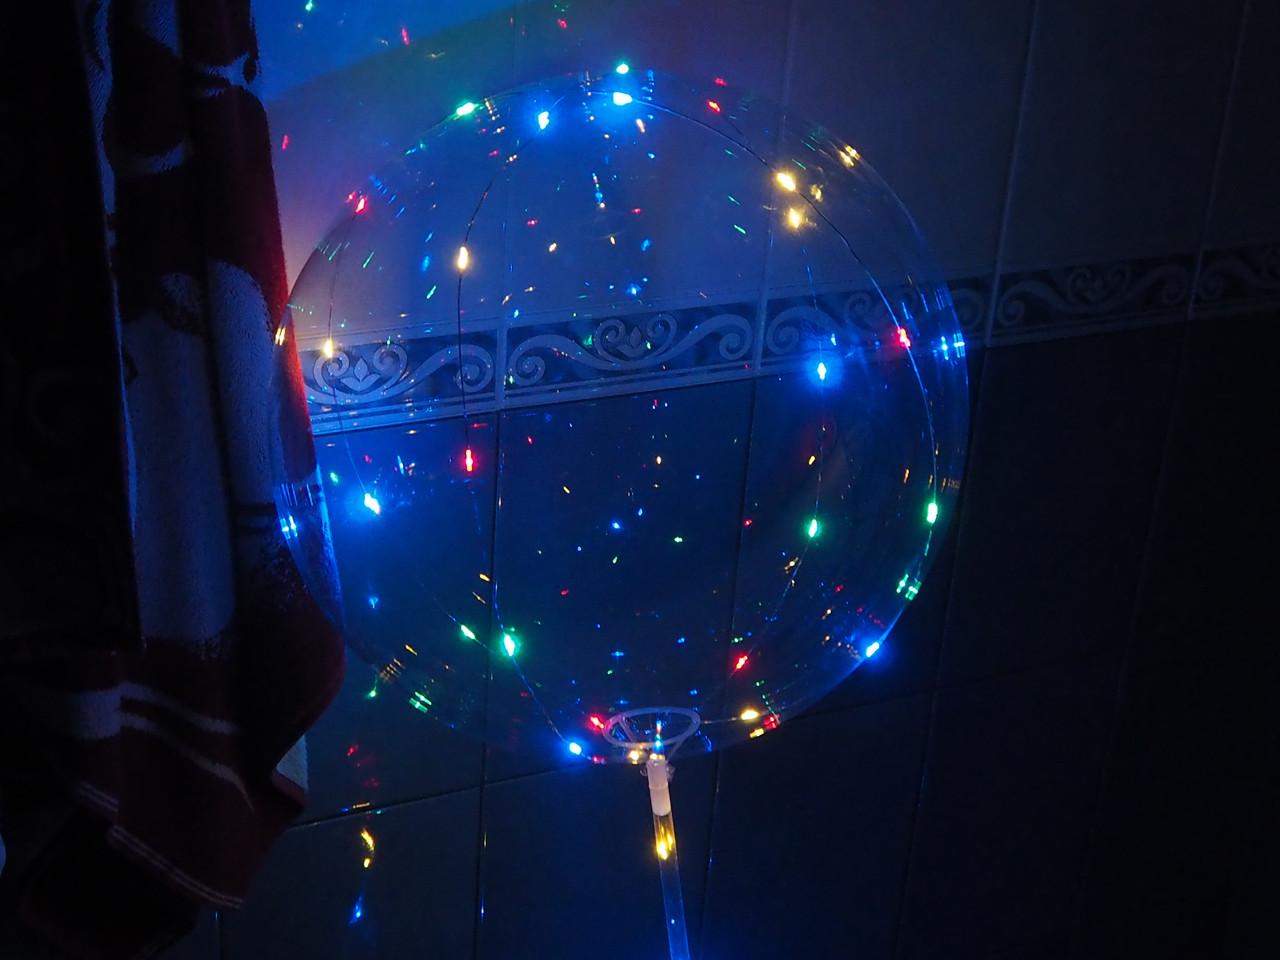 Светодиодный светящийся шар Bobo Led shar ХИТ 2018 года